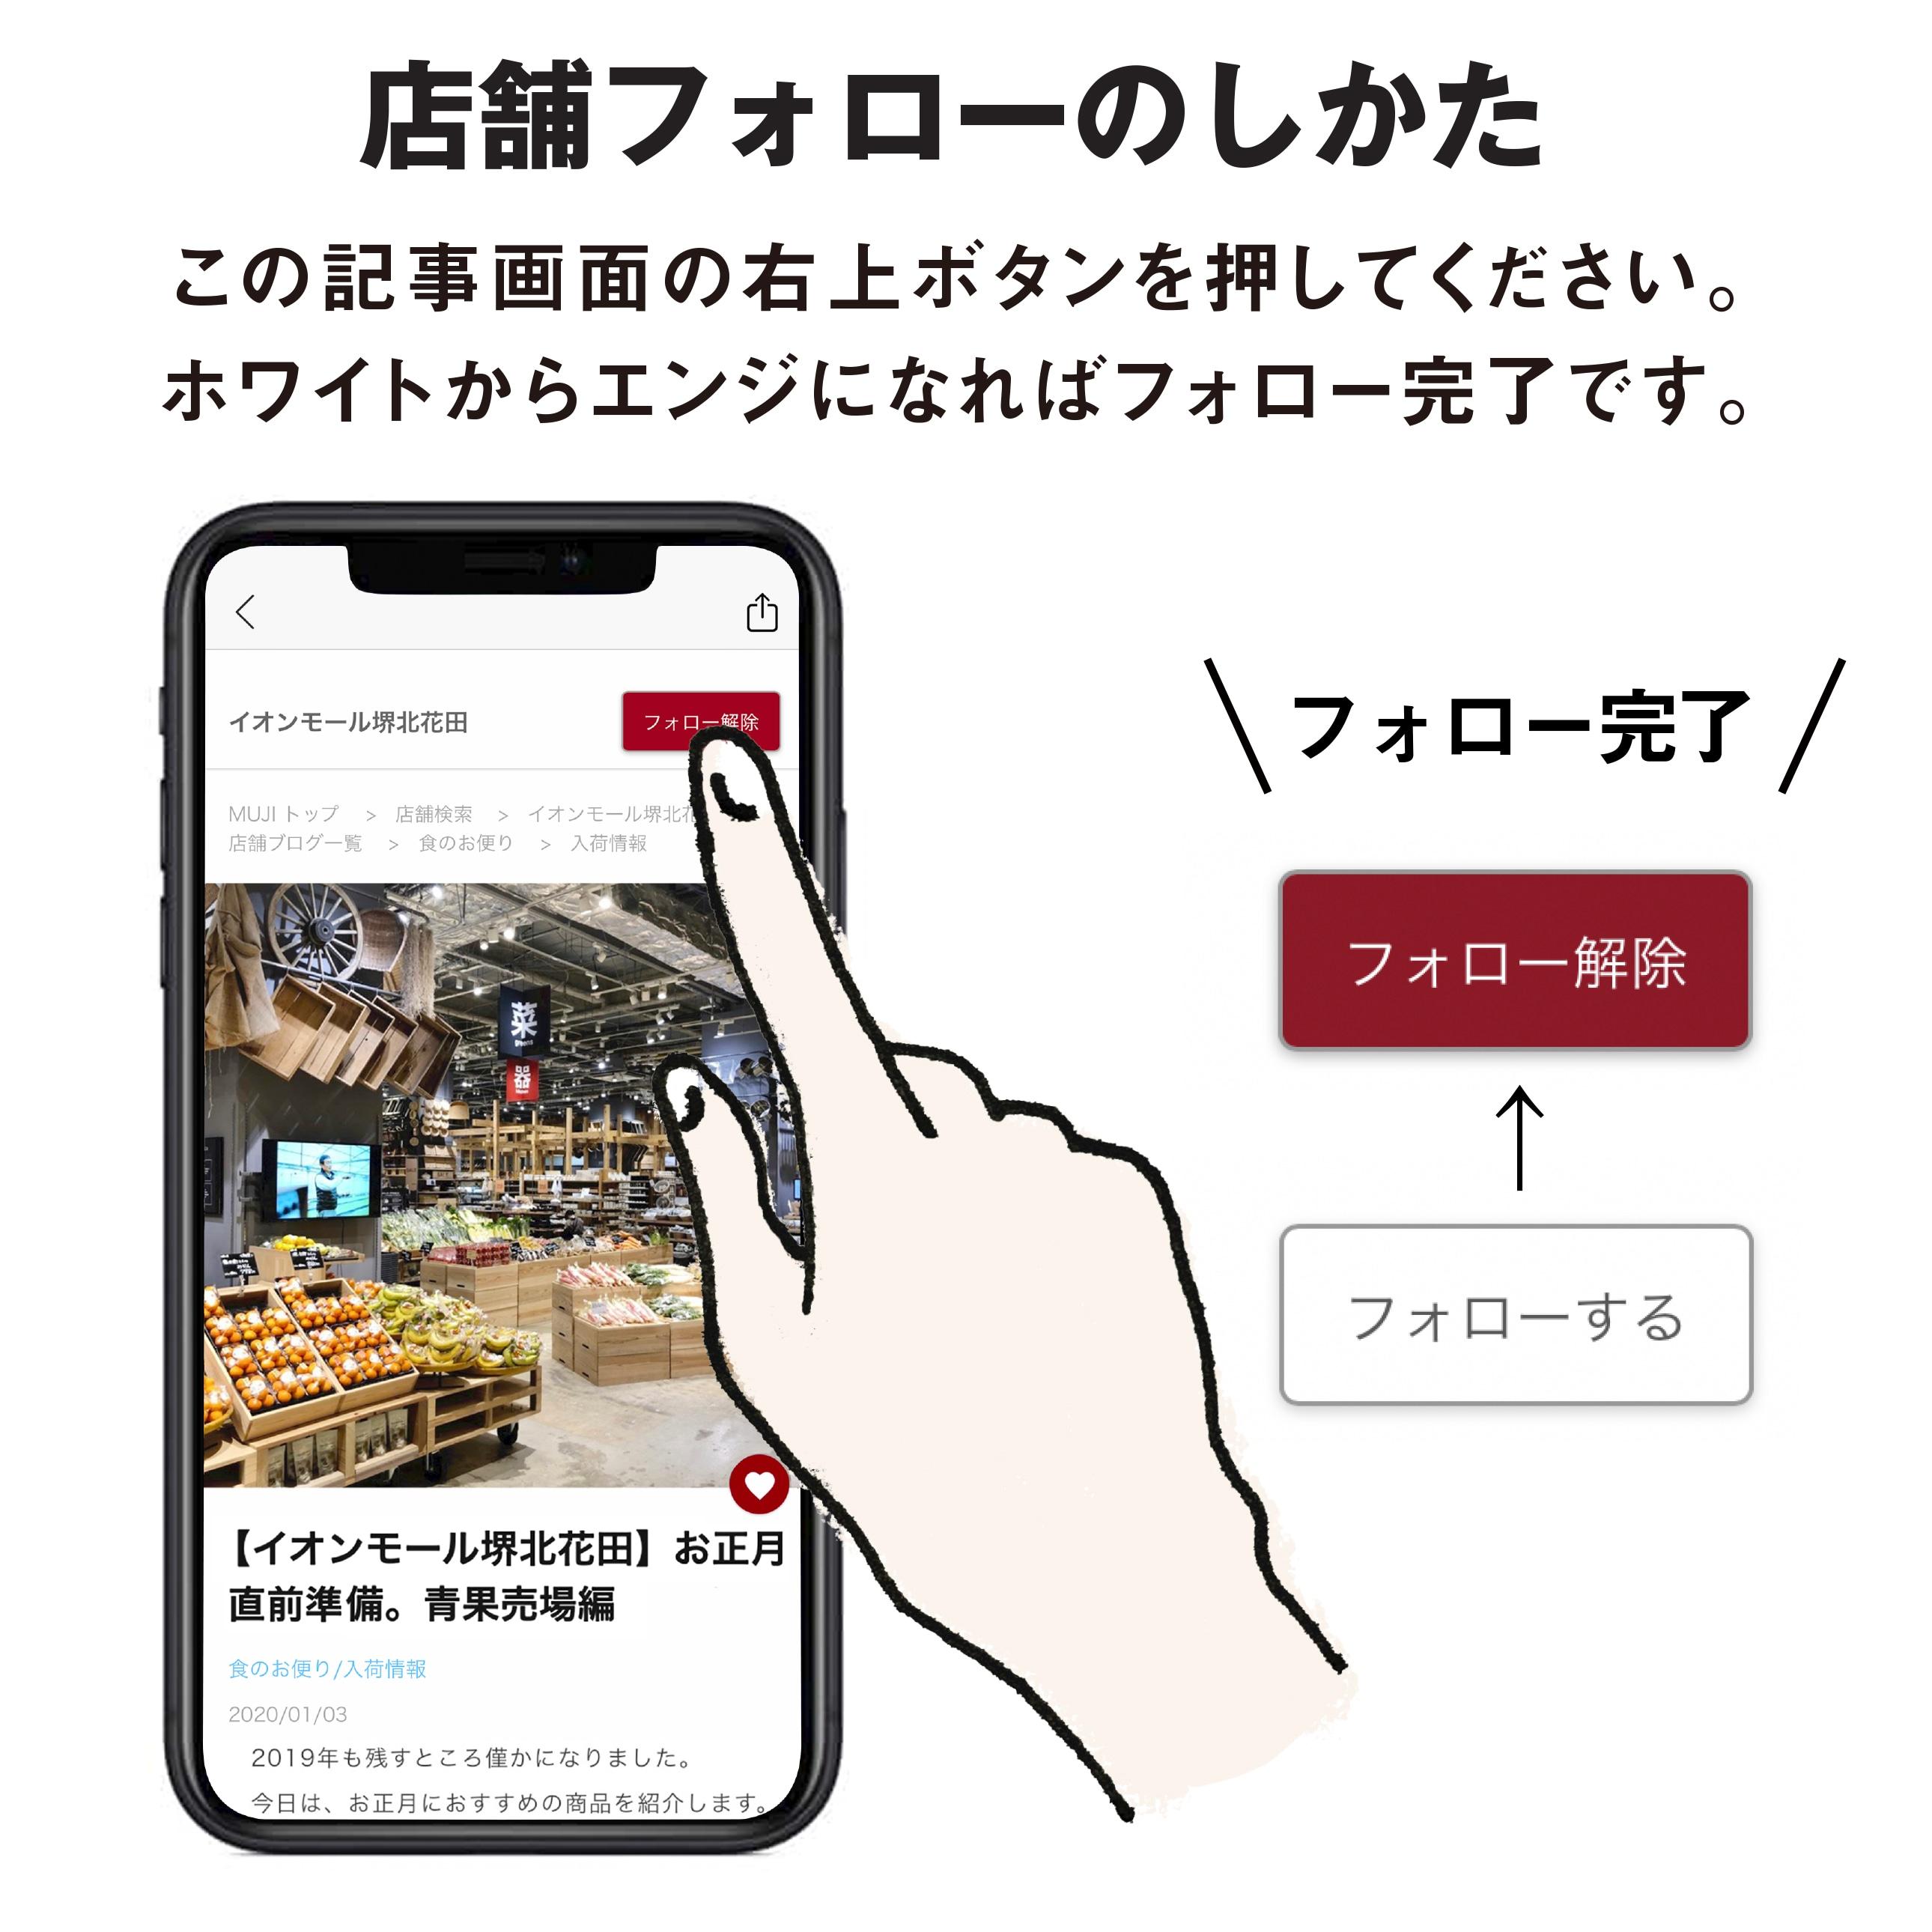 【堺北花田】新商品をご紹介|ベーカリー売場から